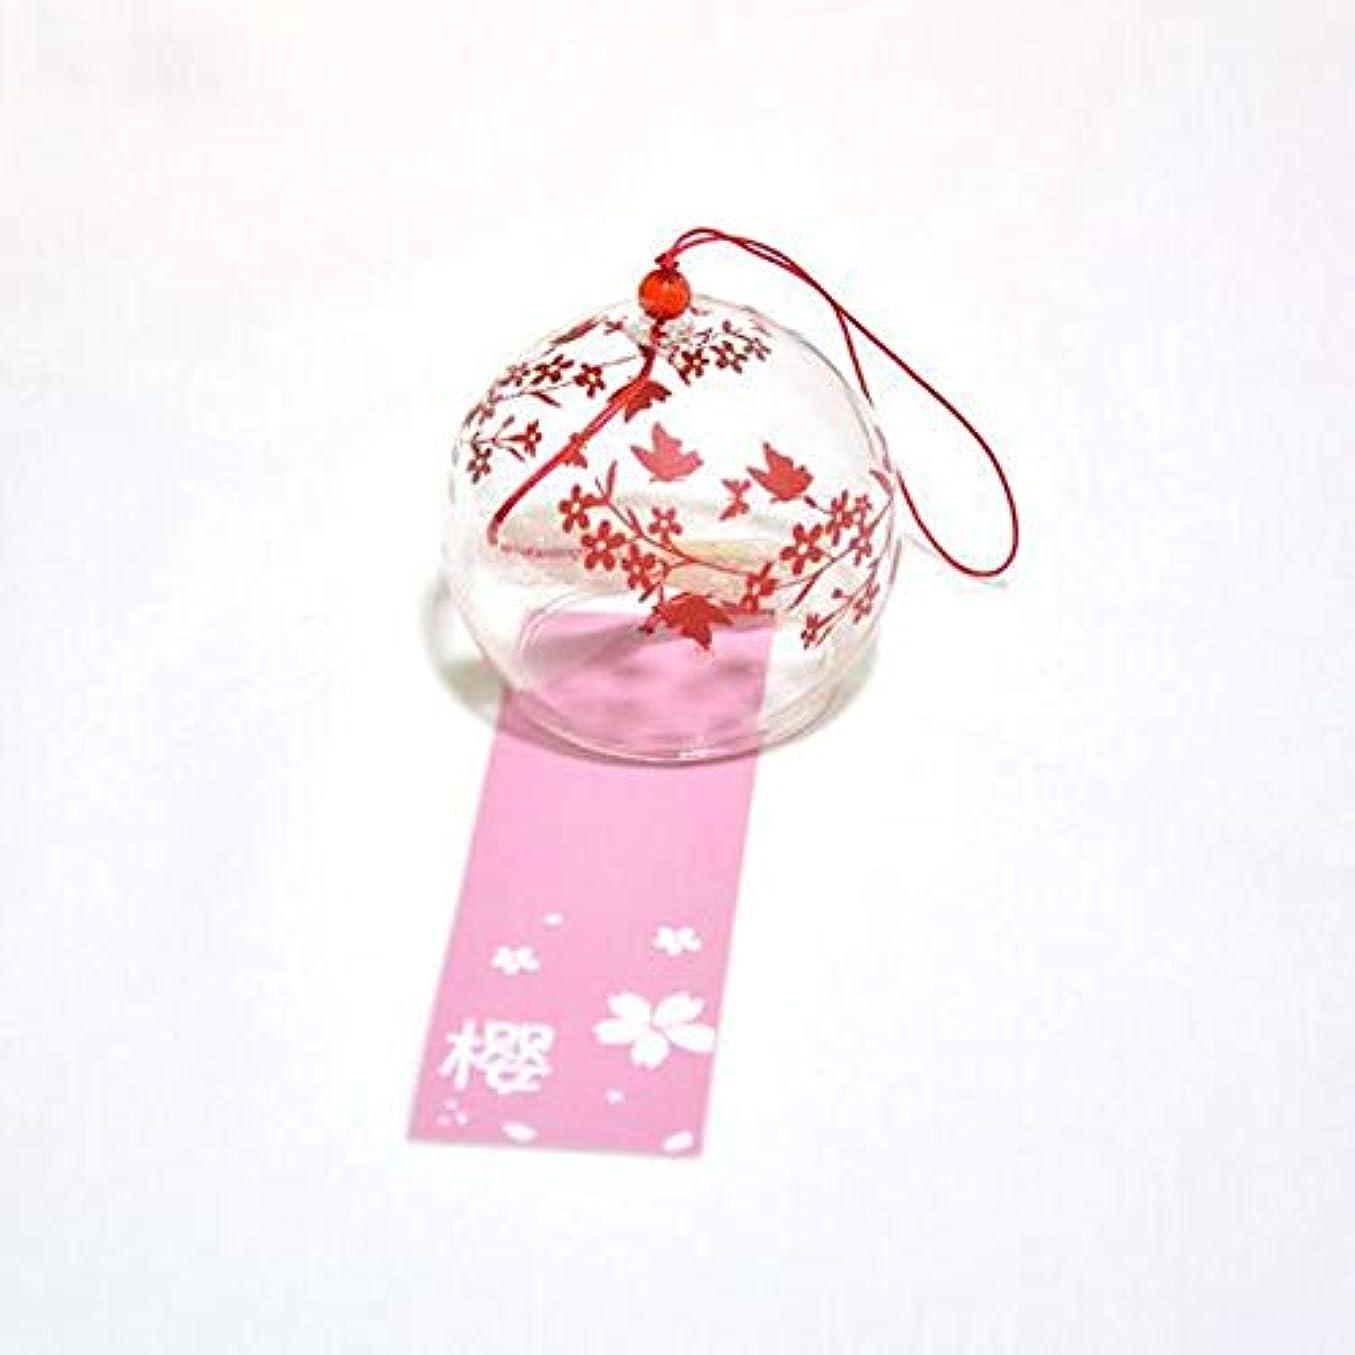 アクションオンス綺麗なQiyuezhuangshi 風チャイム、手描きのグラス風チャイム、透明、サイズ6 * 7CM,美しいホリデーギフト (Color : Red)